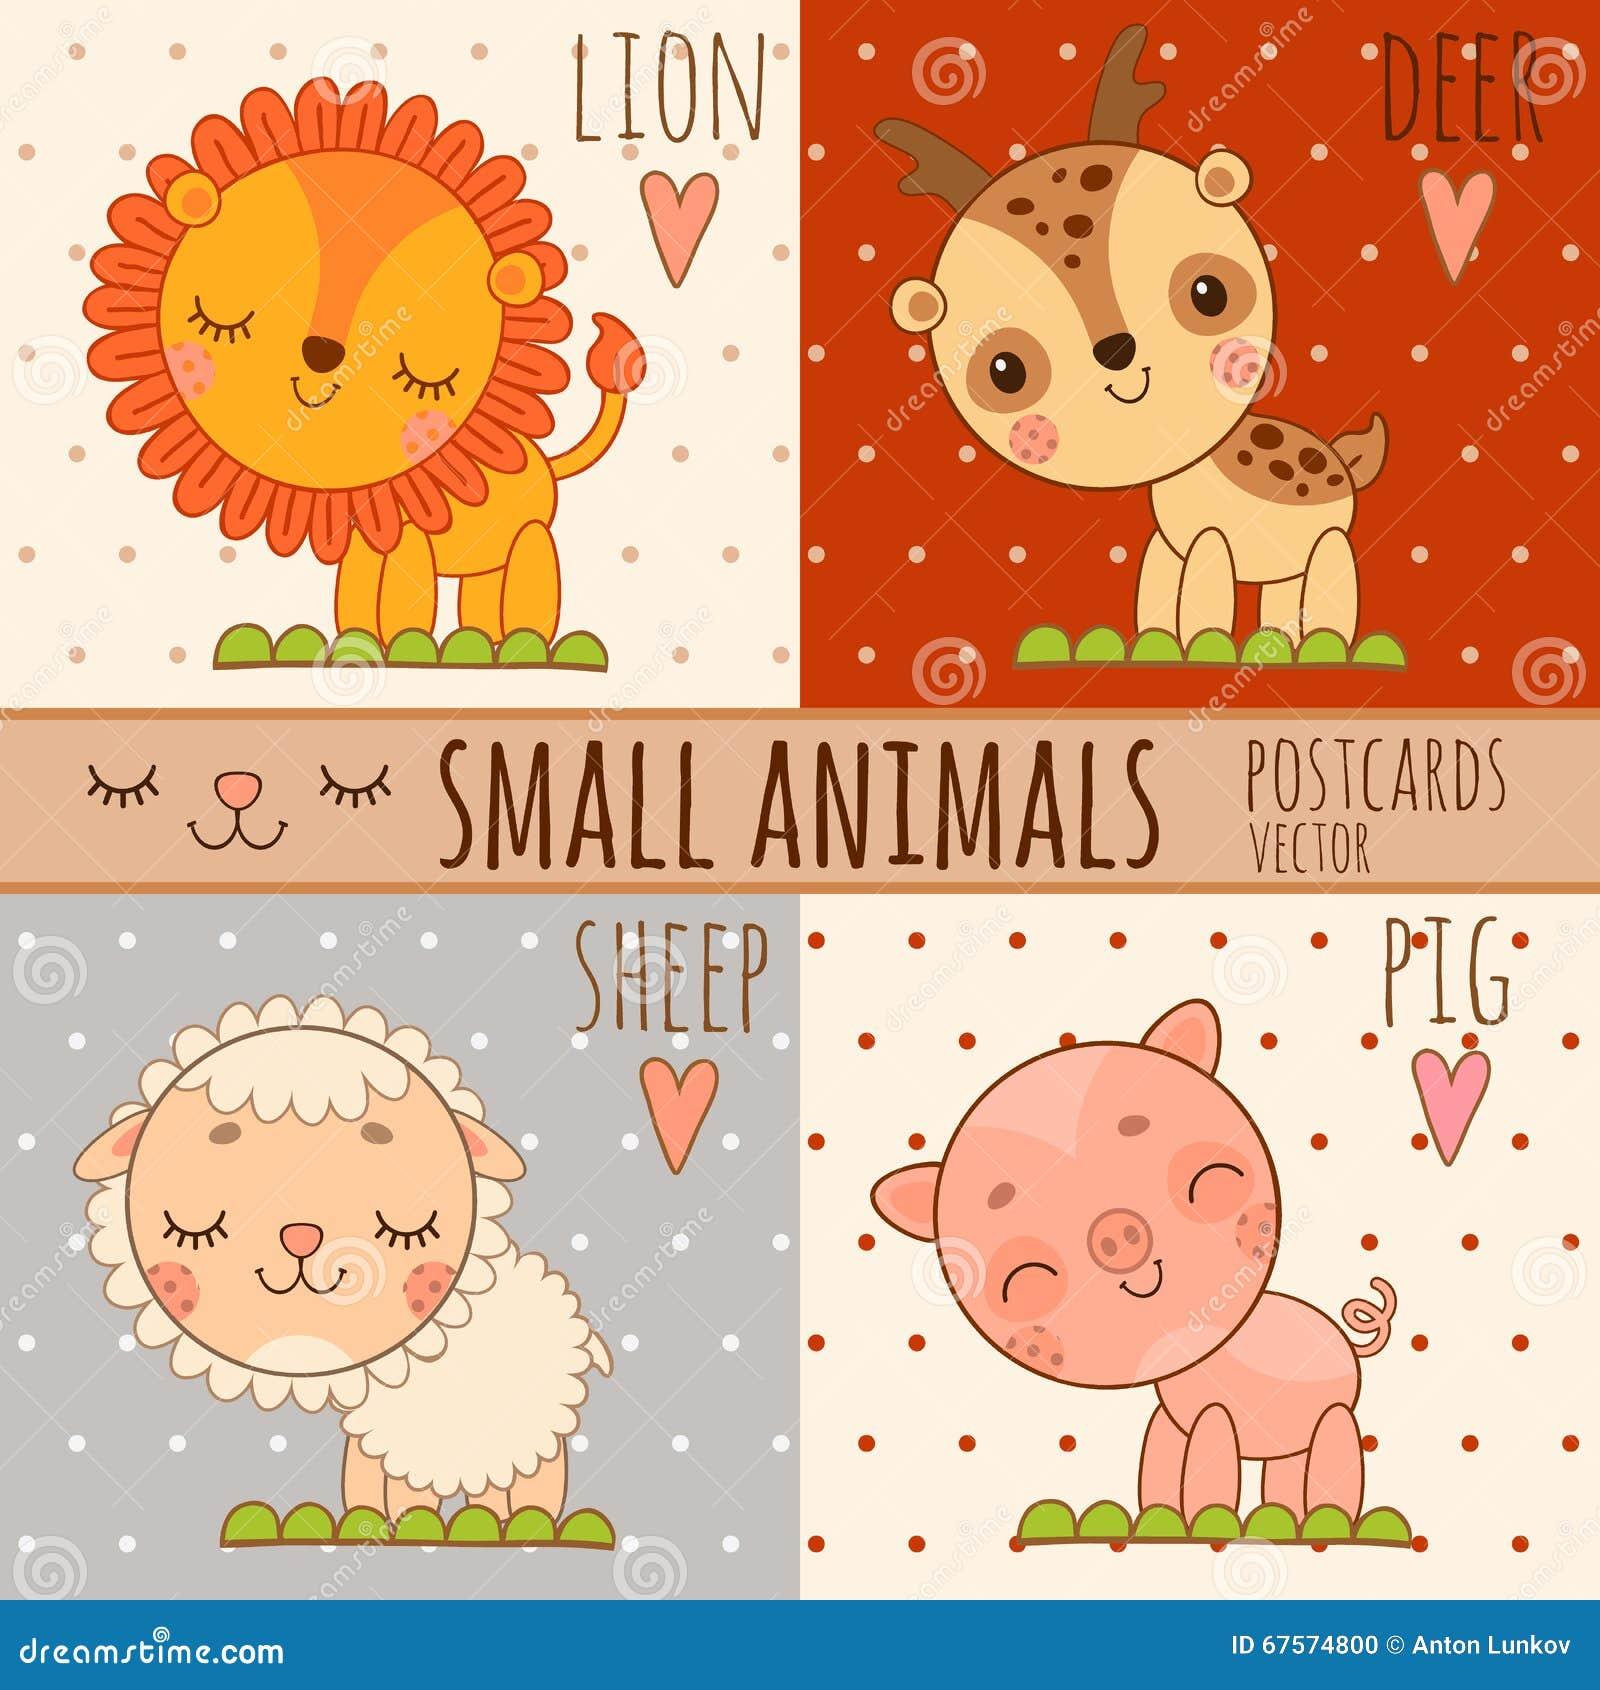 Vier Einfache Nette Bilder Von Tieren Karikaturart Vektor Abbildung